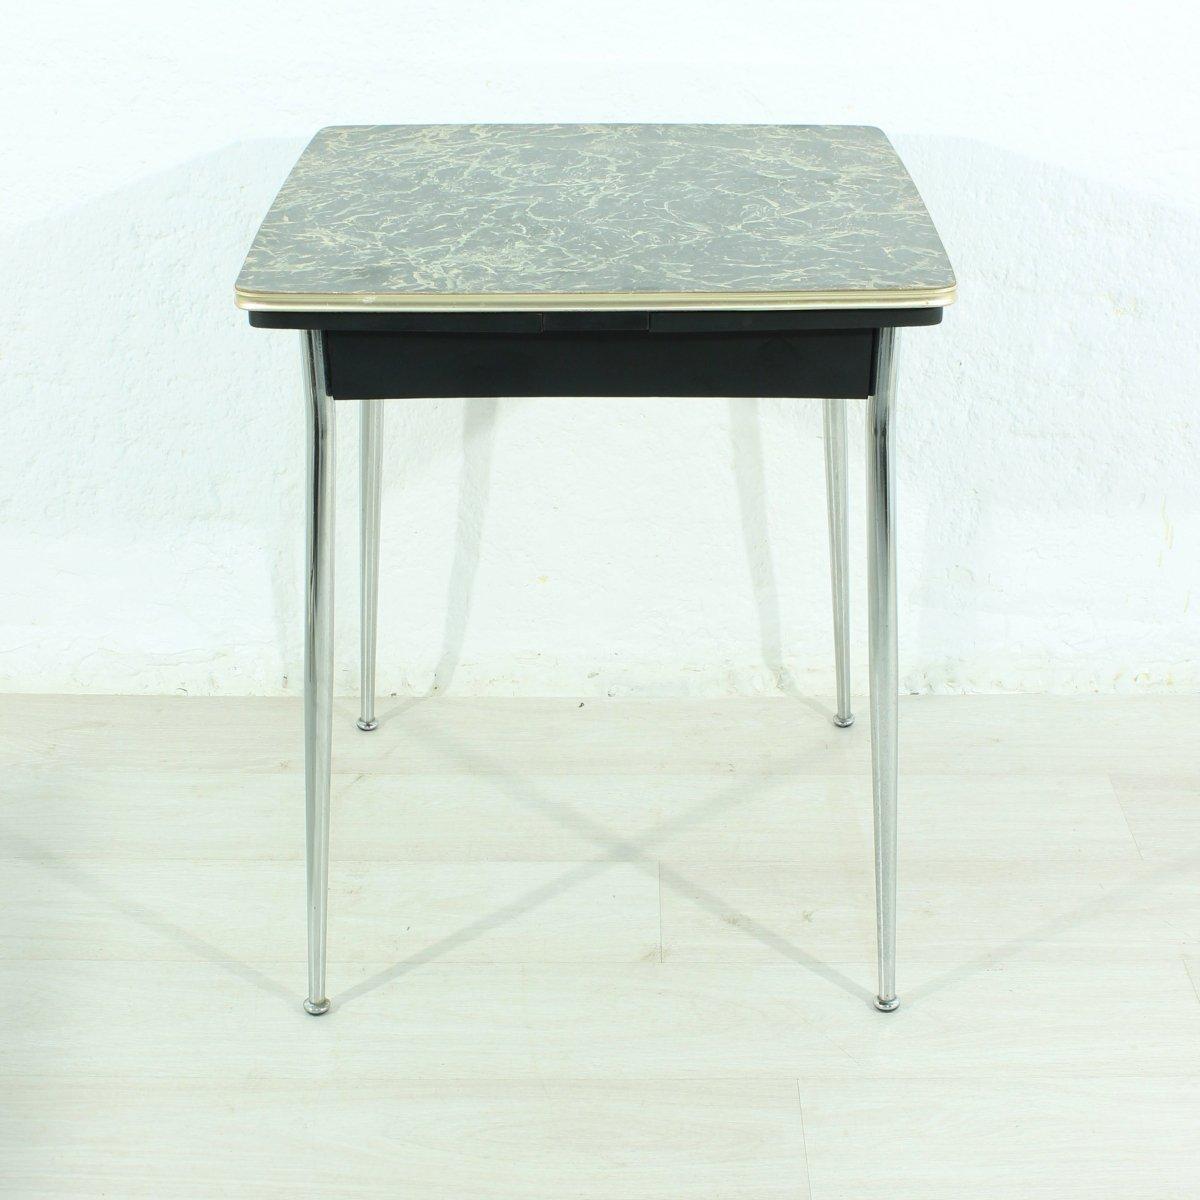 table de salle manger extensible 1950s en vente sur pamono. Black Bedroom Furniture Sets. Home Design Ideas